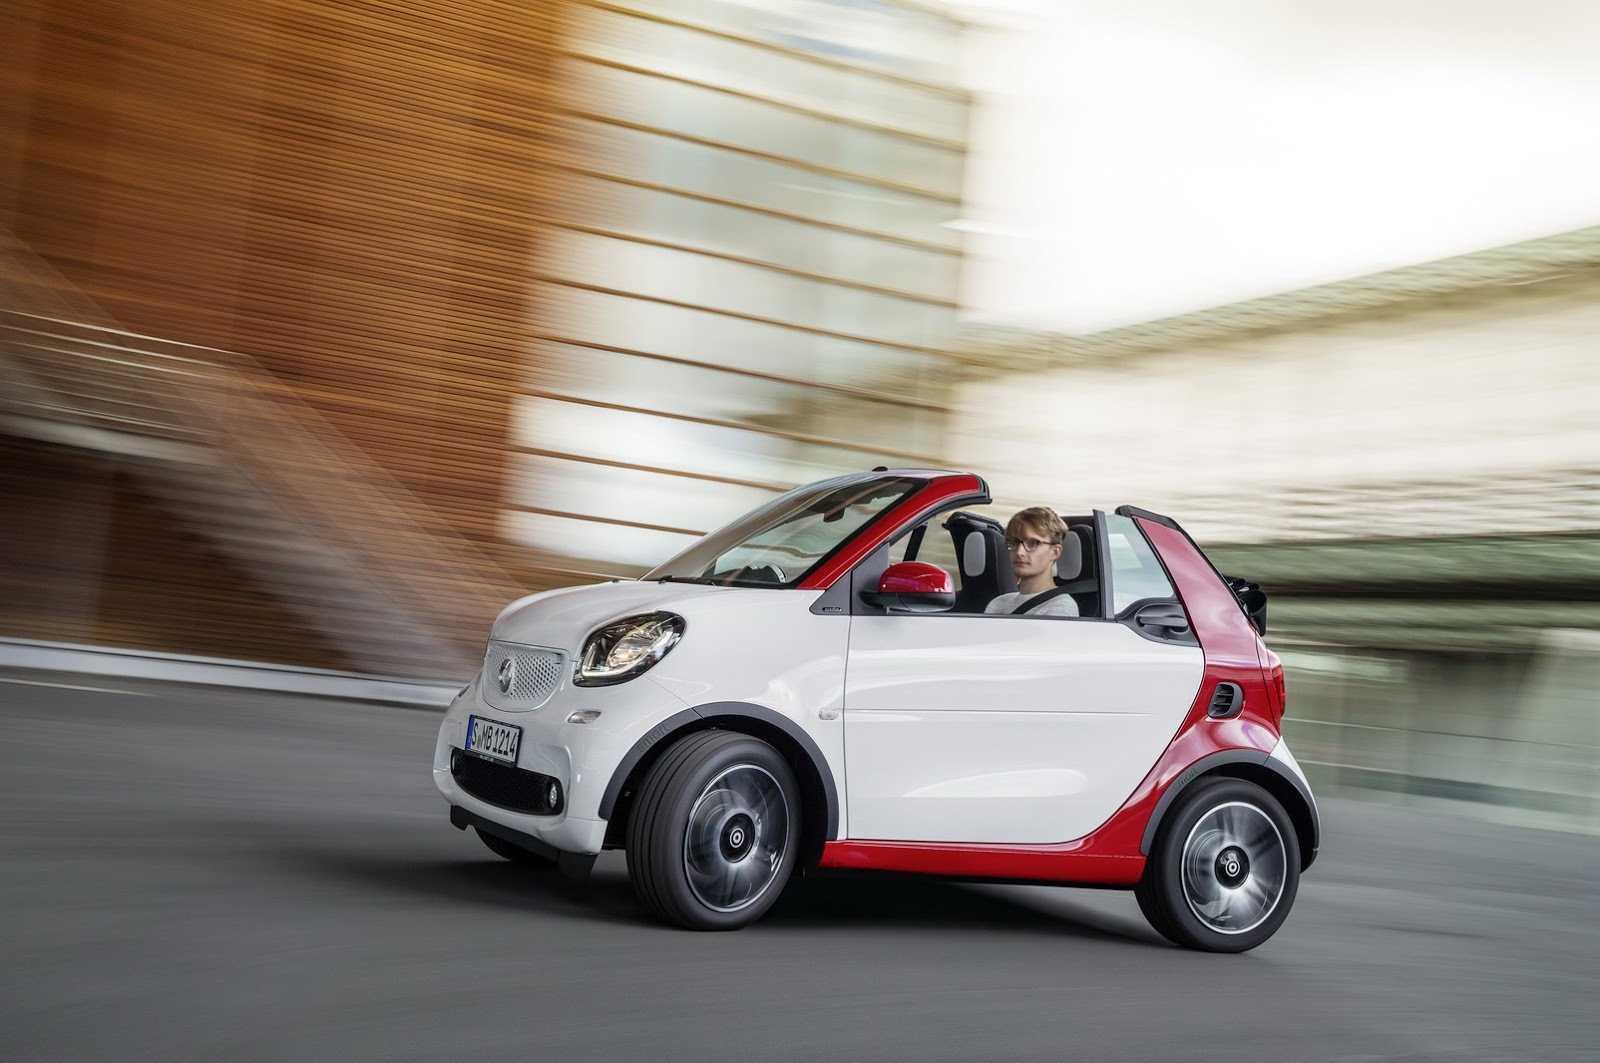 Smart привезет во франкфурт новый кабриолет fortwo - «автоновости»